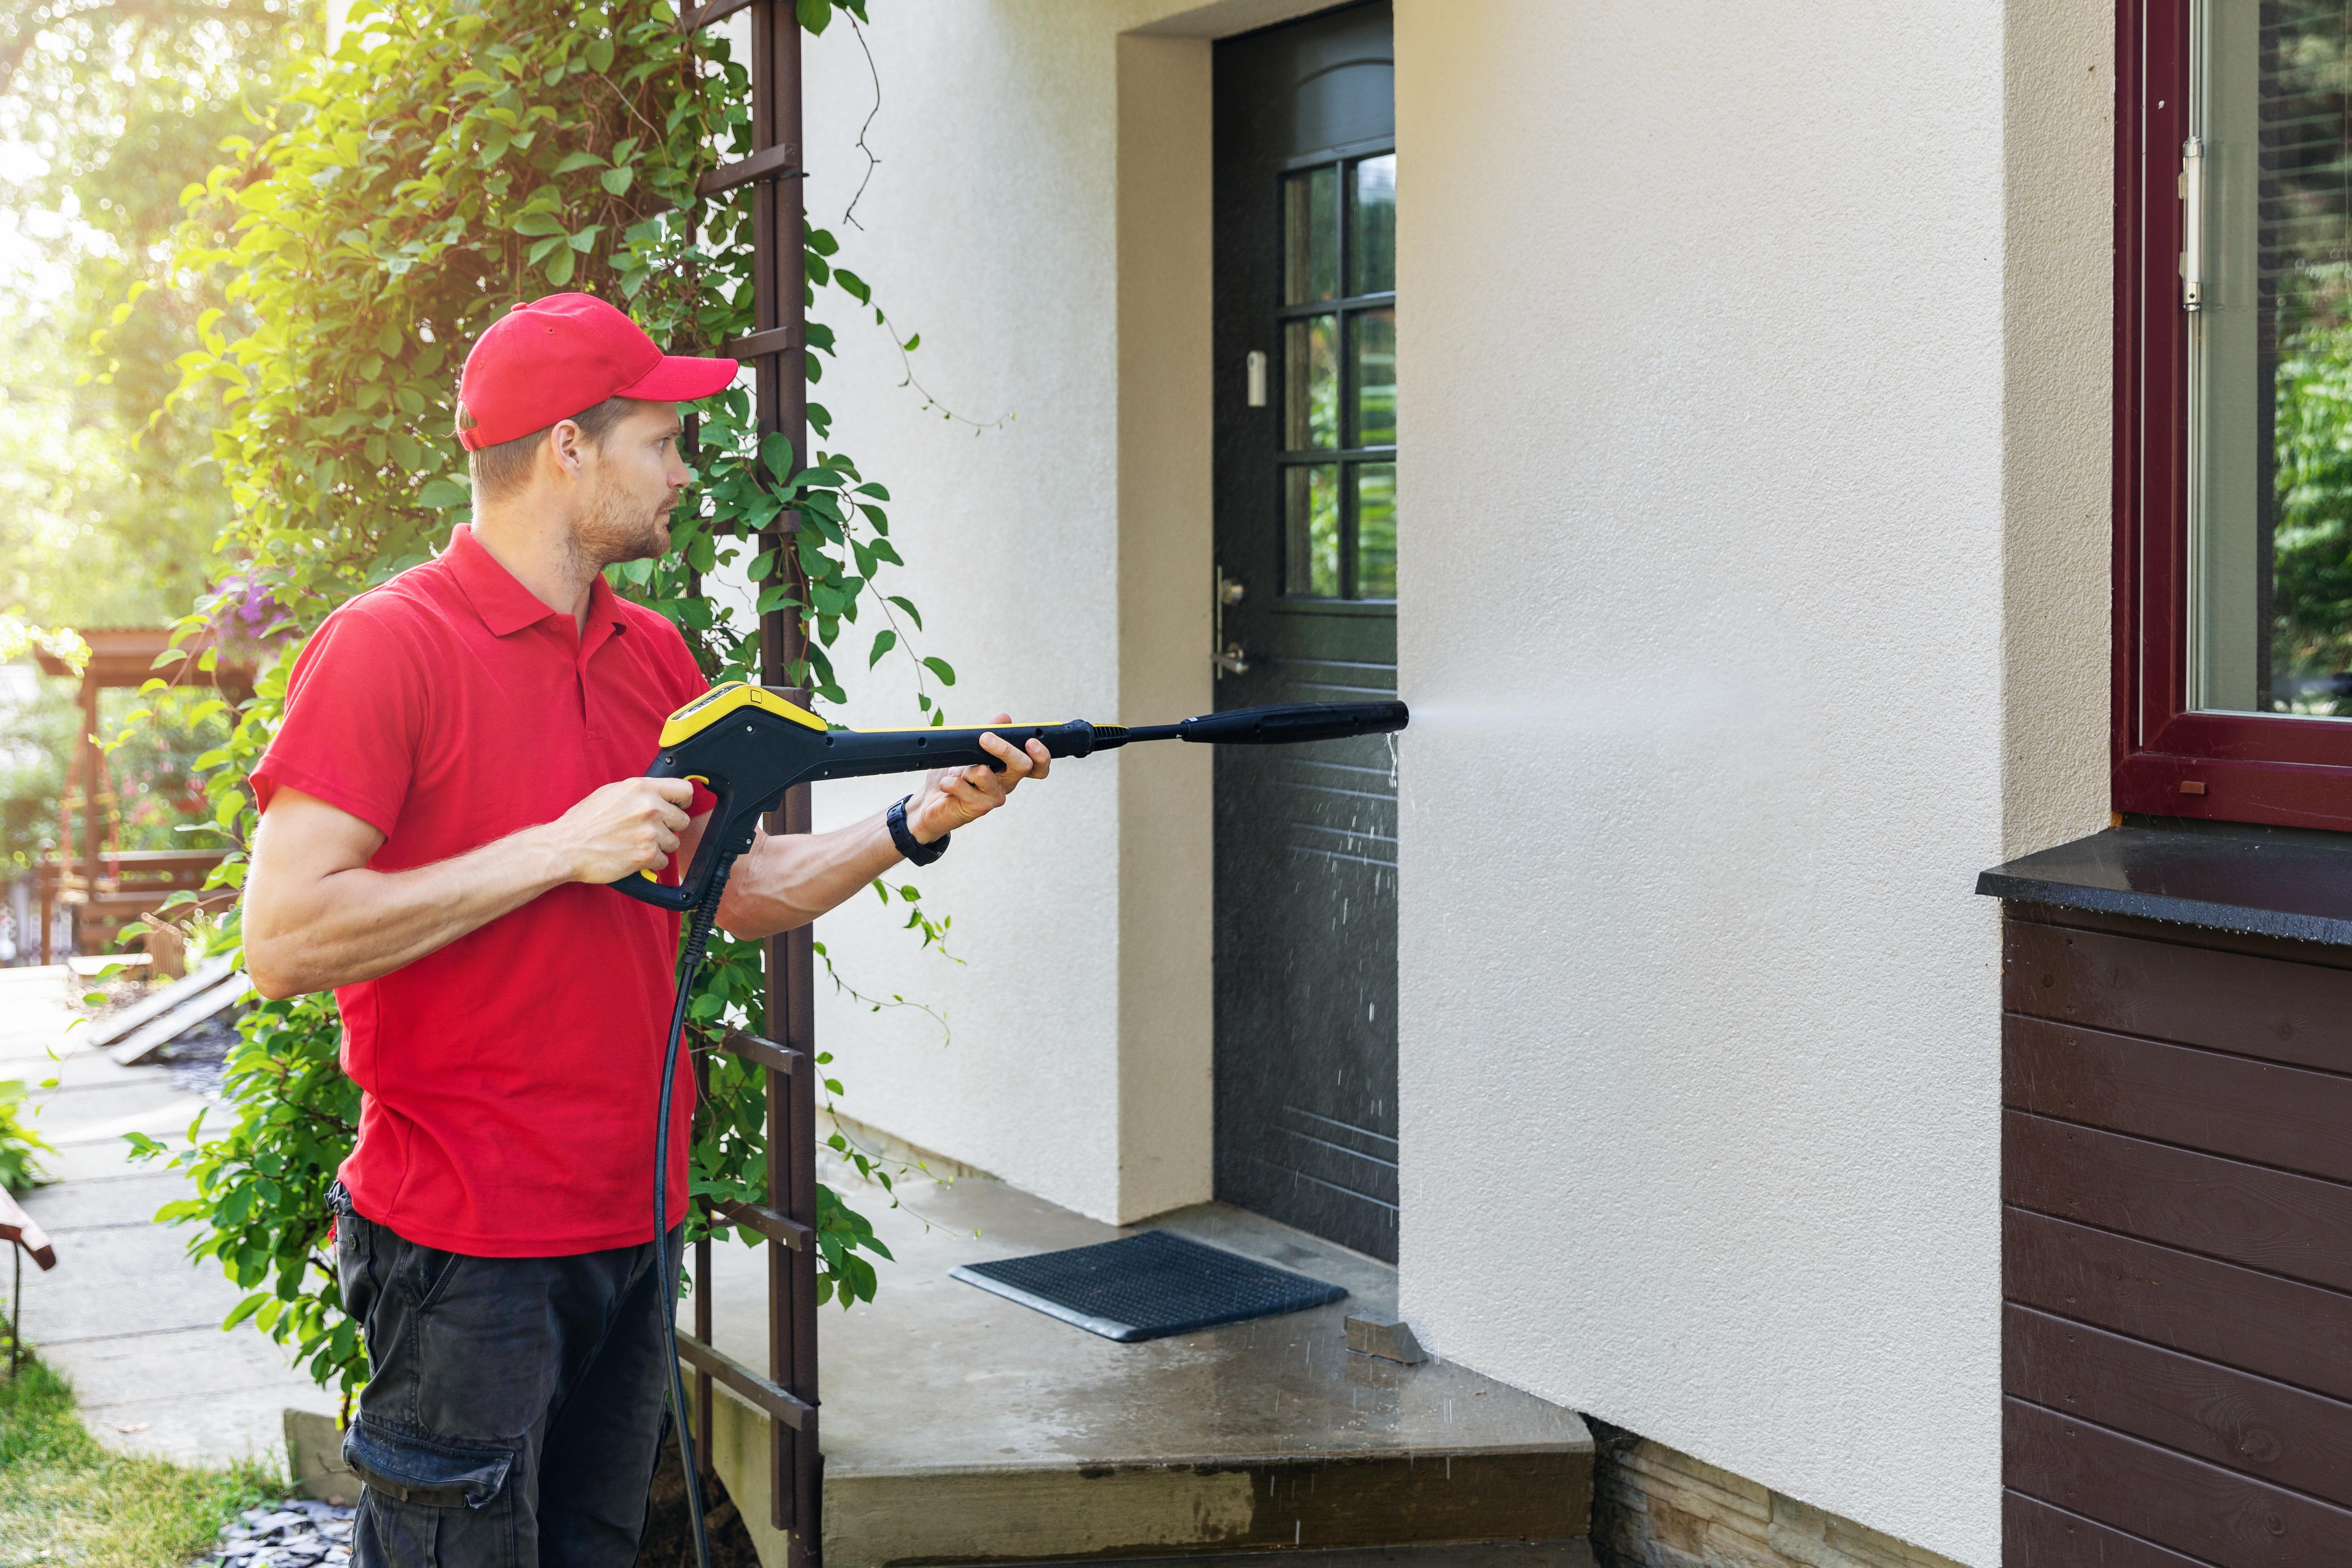 Cristaux De Soude Nettoyage les différents produits de nettoyage de façade